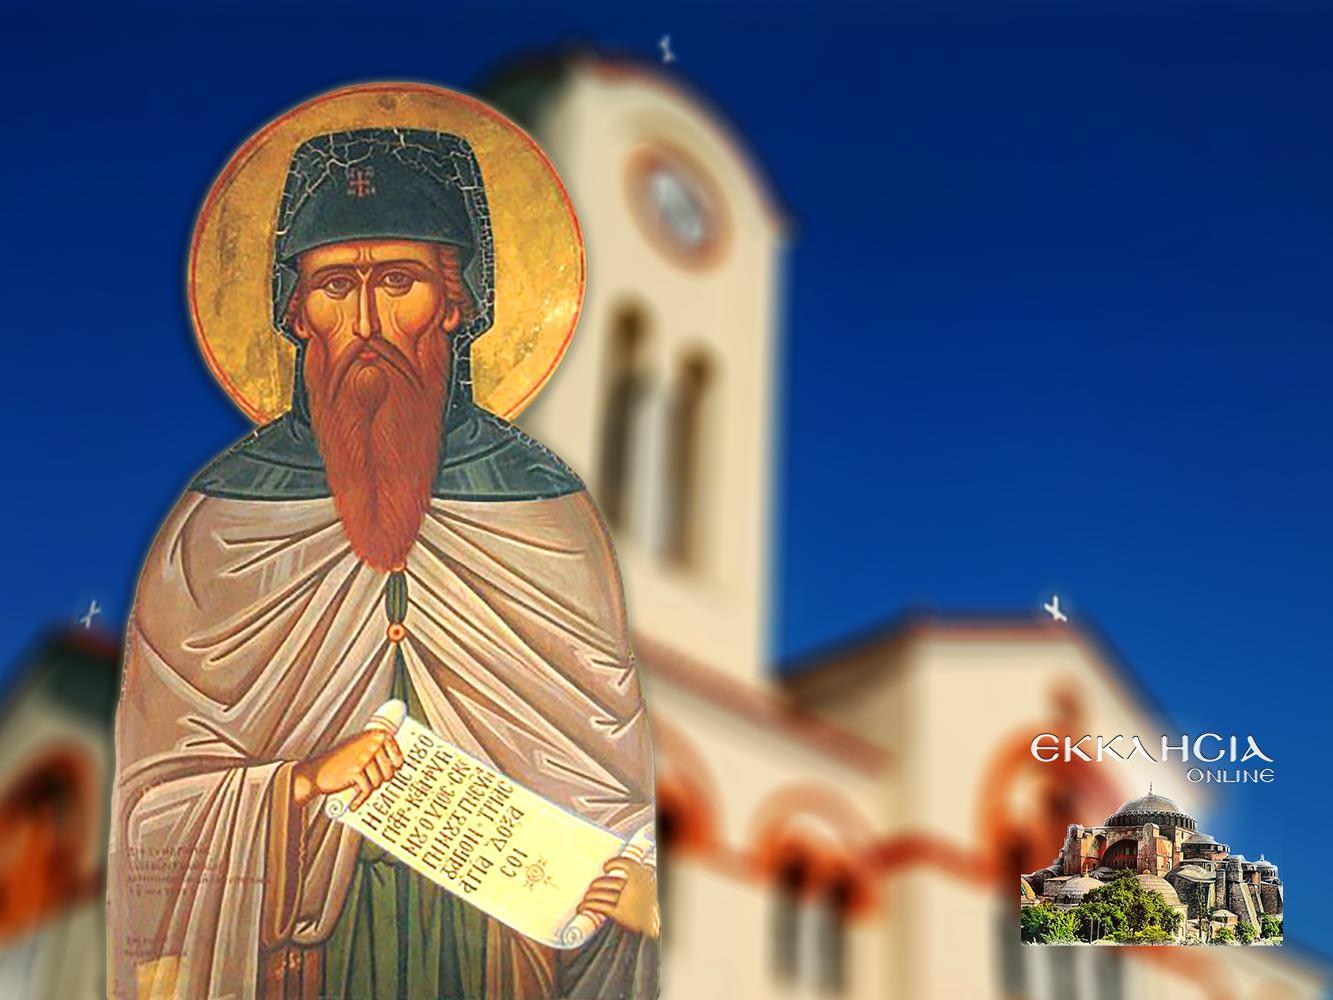 Άγιος Γεώργιος ο νέος Ιερομάρτυρας ο Νεαπολίτης 3 Νοεμβρίου